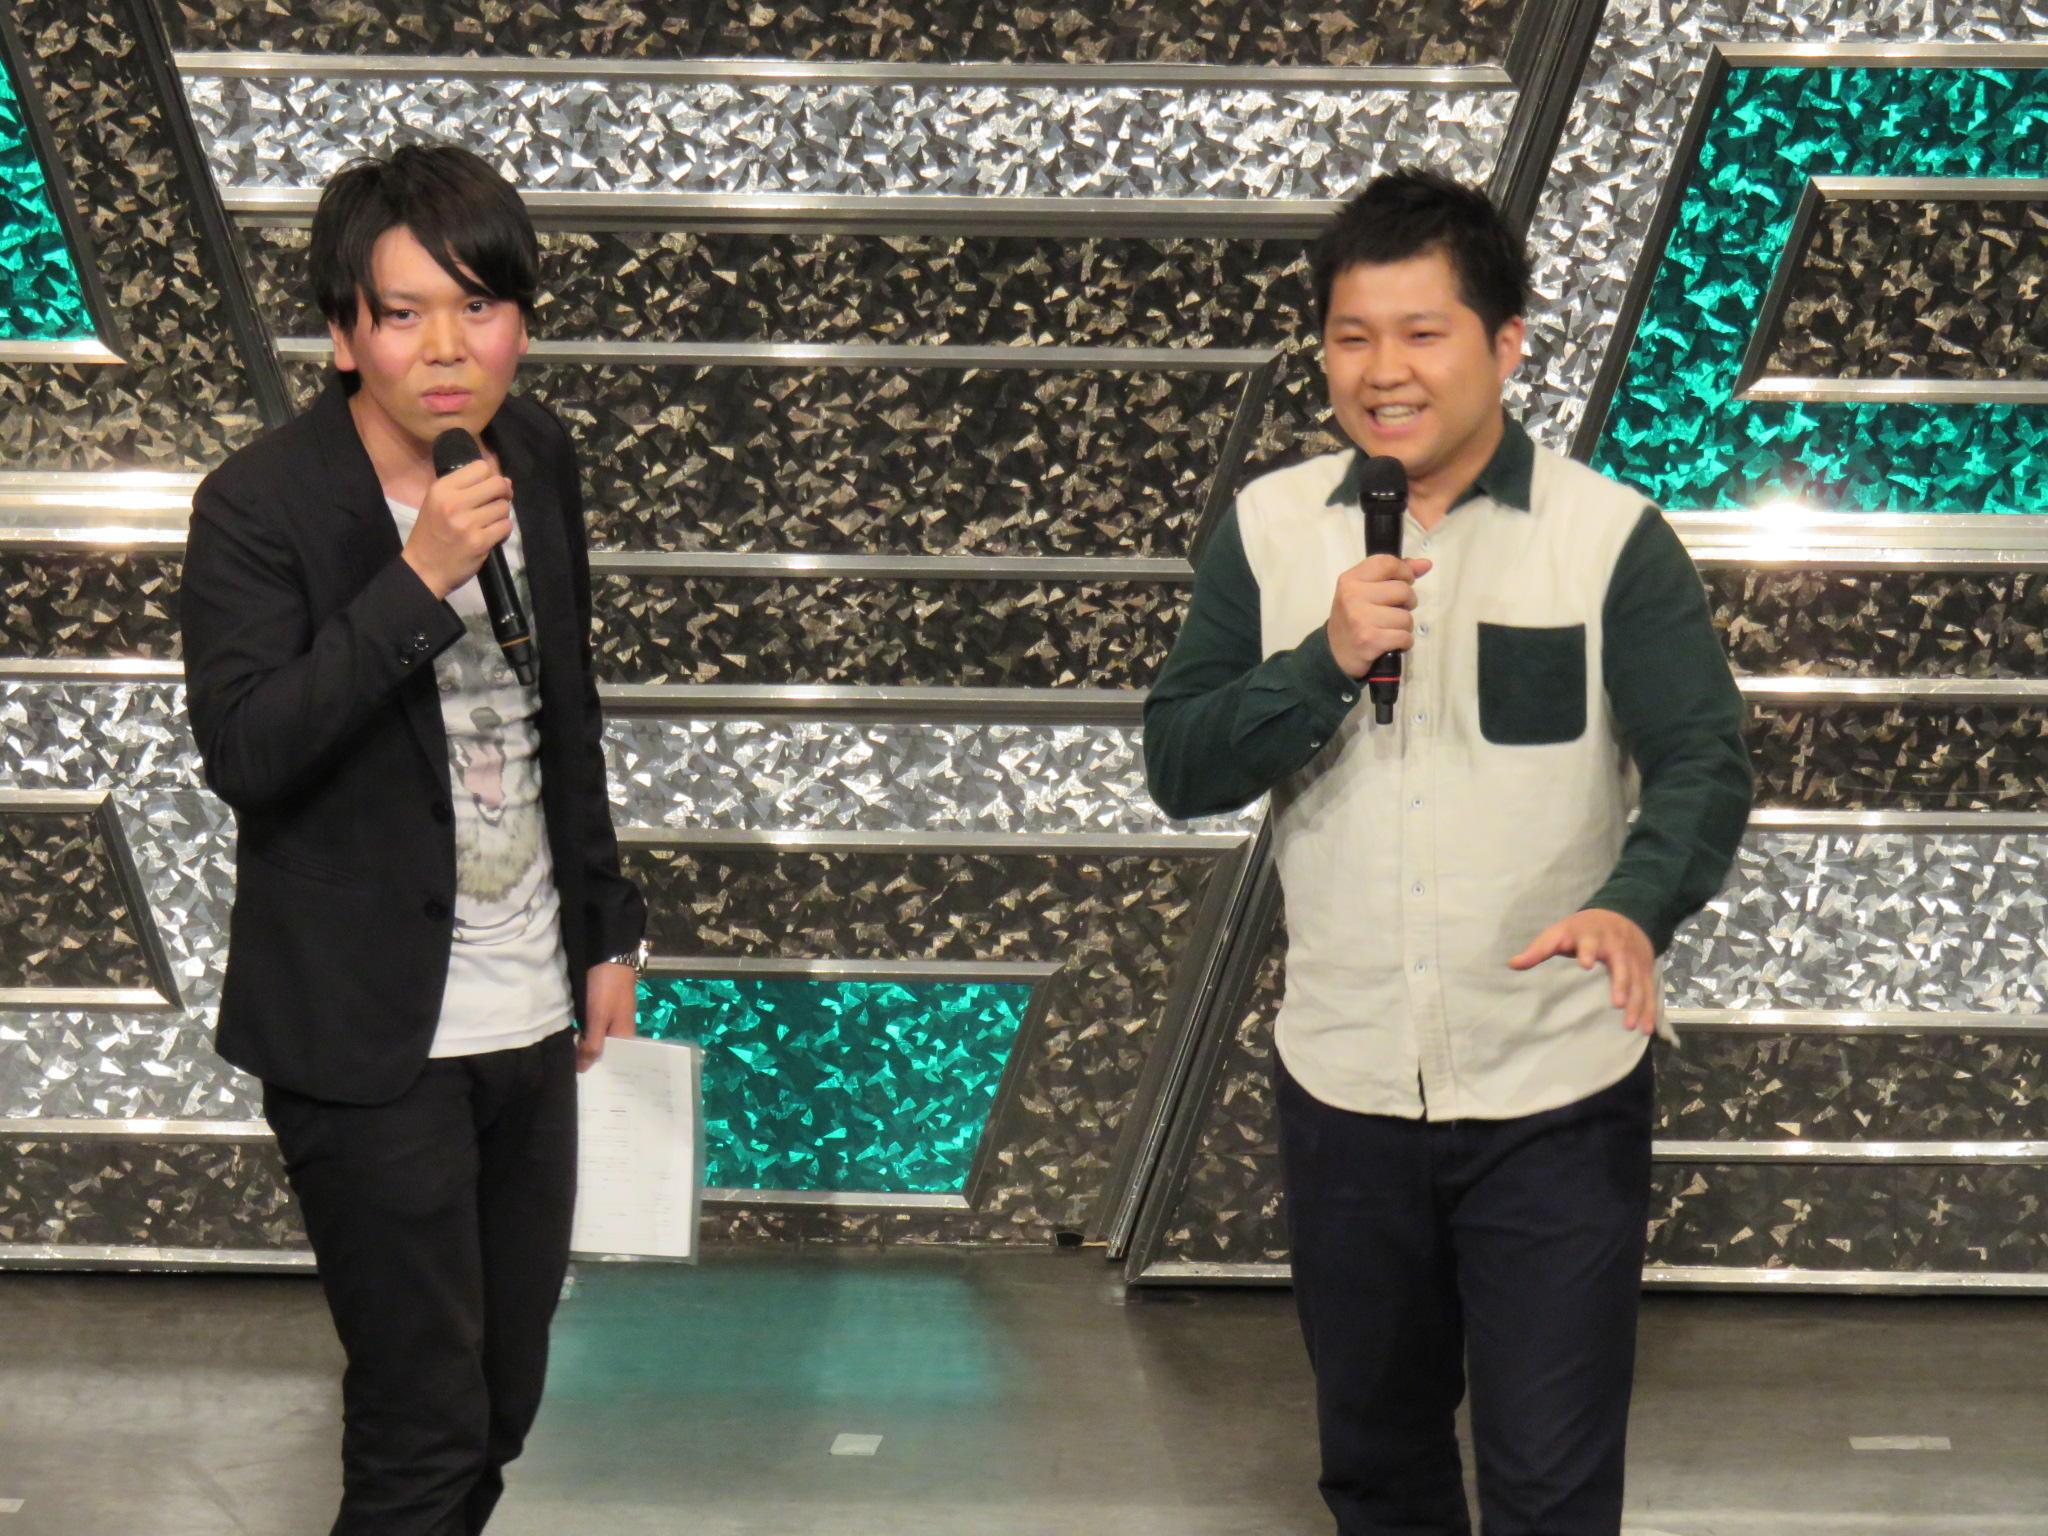 http://news.yoshimoto.co.jp/20160531174629-517bf4ac533e7292704f94384315b3461d982acc.jpg